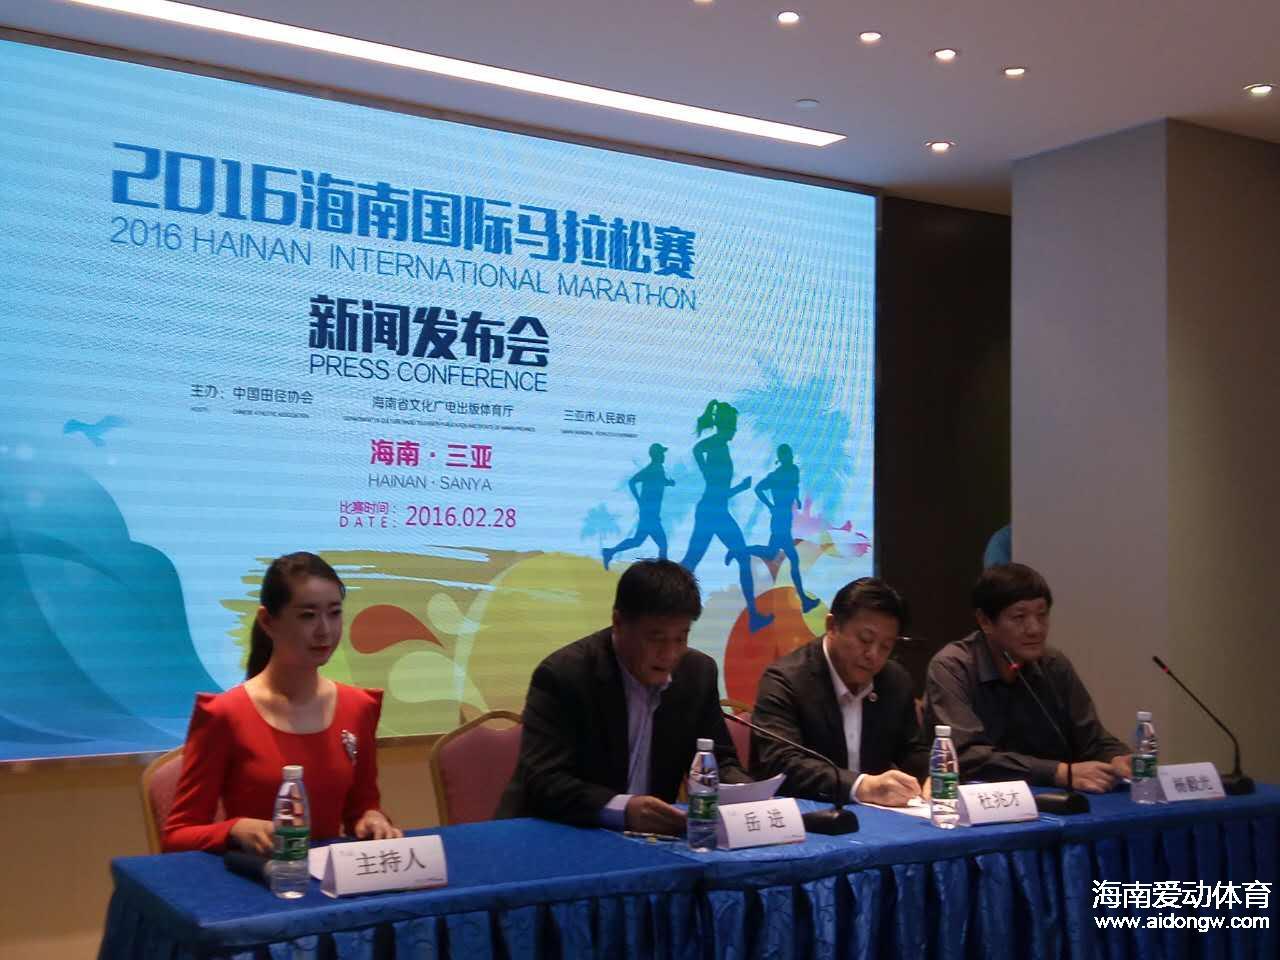 【跑步】海南国际马拉松赛将在三亚举行 力争3年获评全国金牌赛事